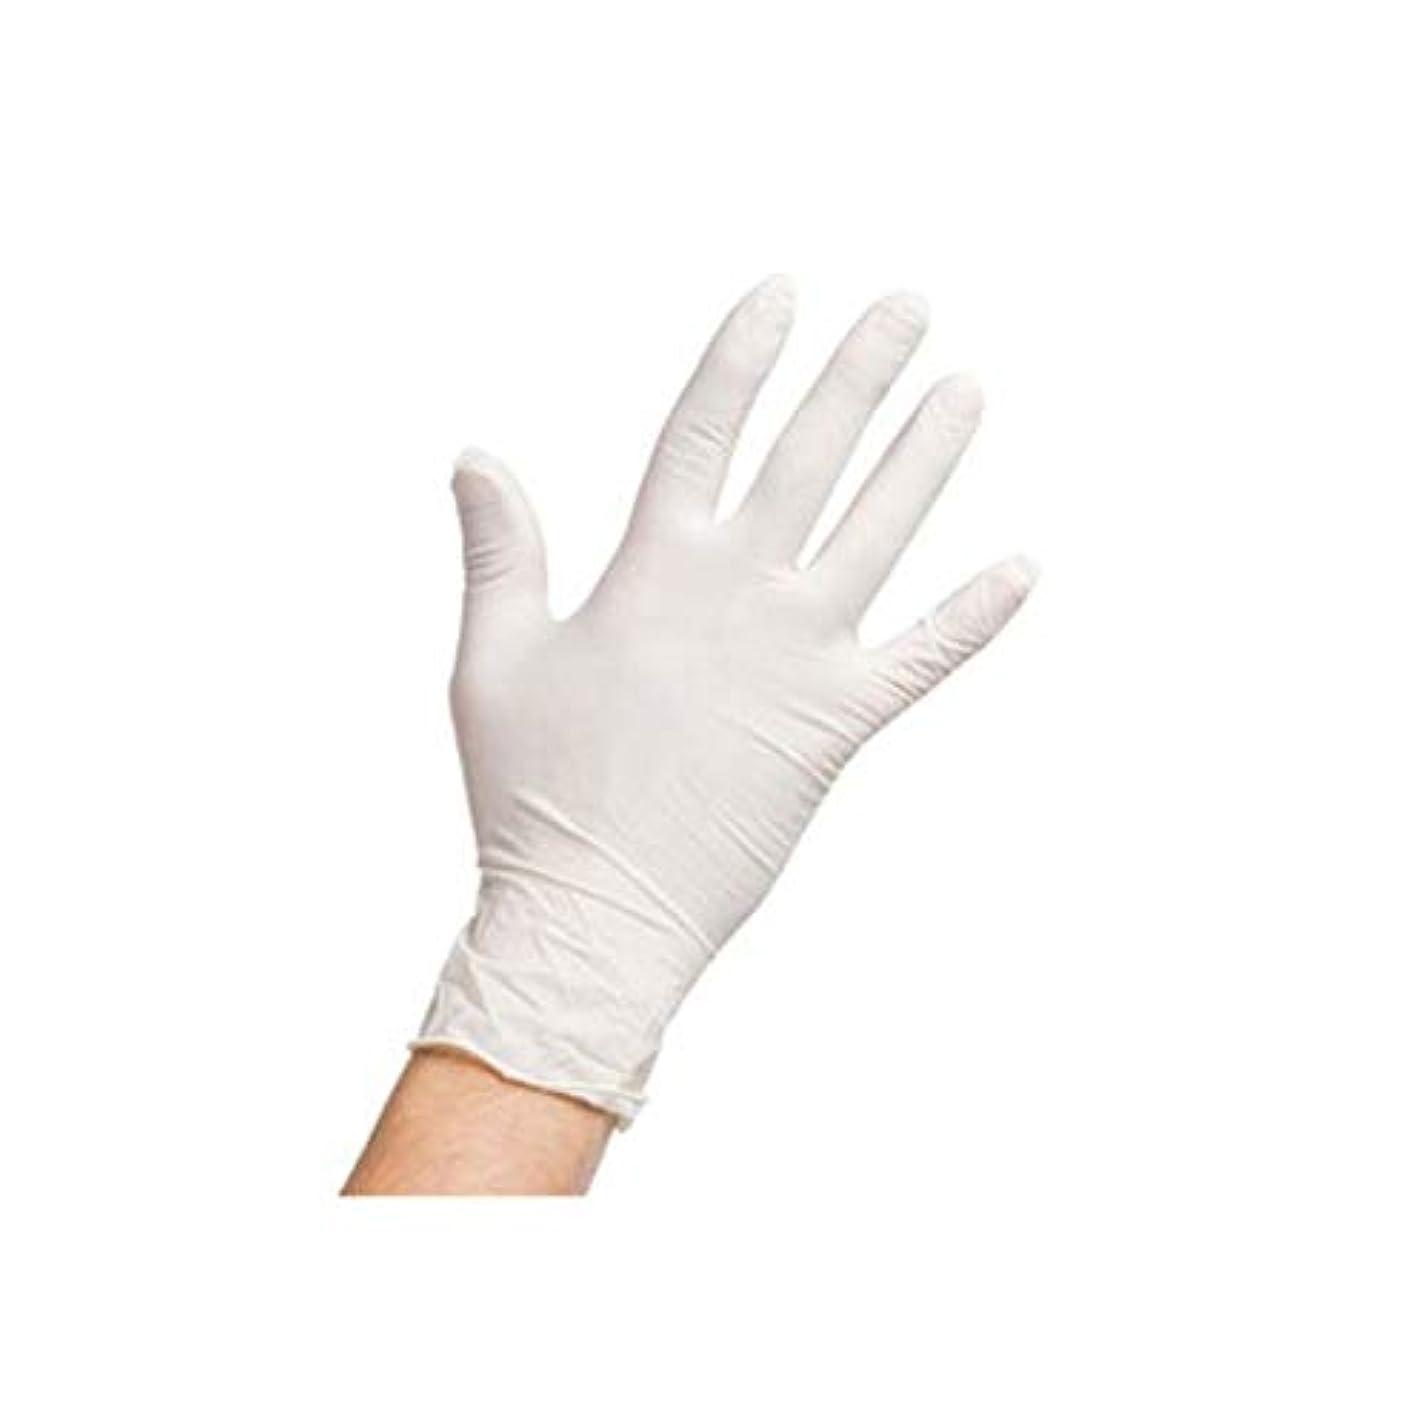 スポーツの試合を担当している人親密な大使館(A1ラテックス) 最高品質のLatex手袋 ニトリル手袋 パウダーフリー 無粉末 200枚(6g Latex、4g Nitrile)【海外配送商品】【並行輸入品】 (S)